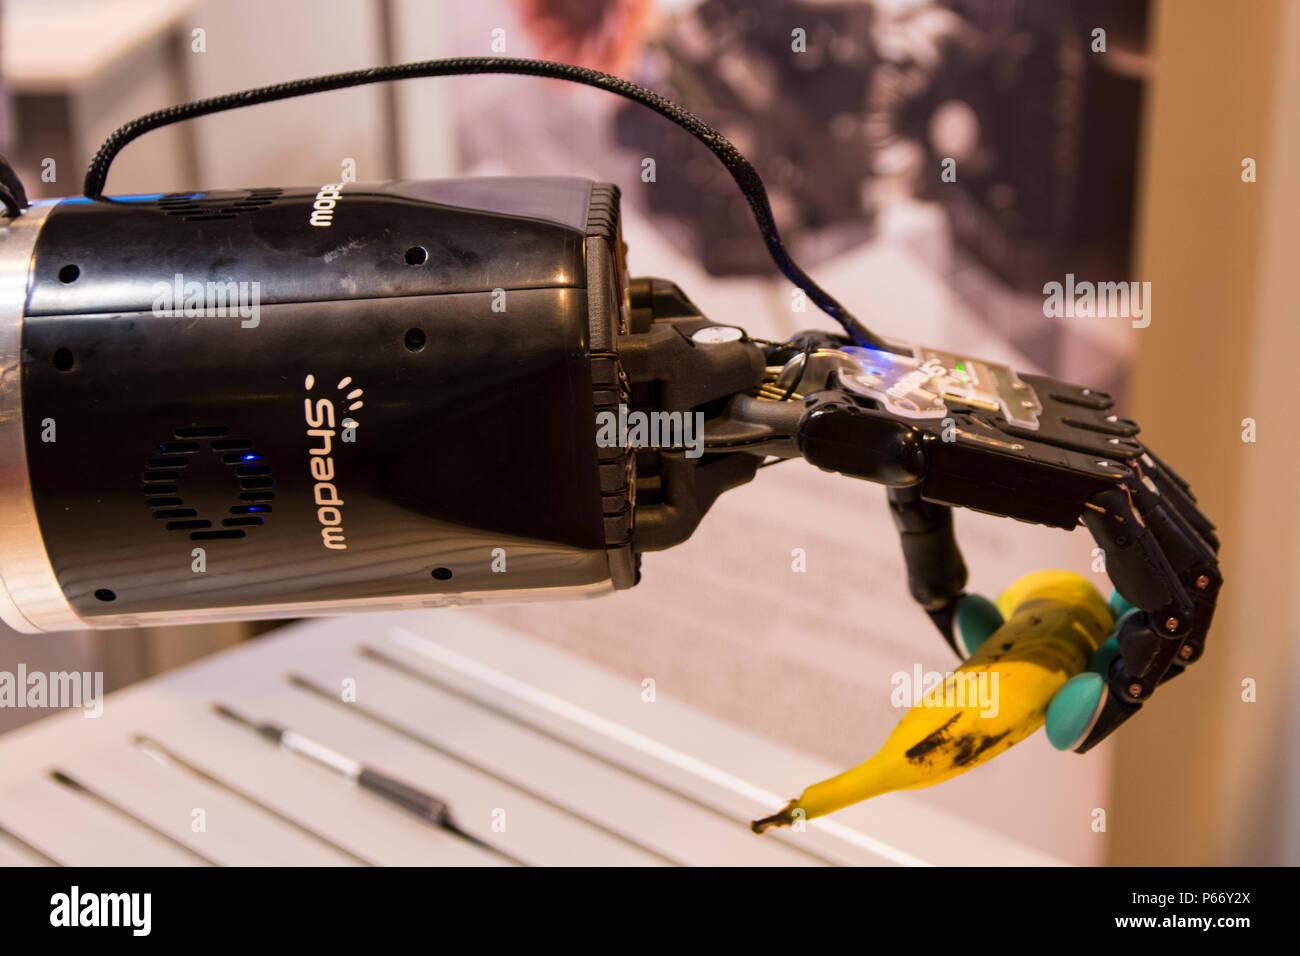 Geschickte hand (Robotic sensible Hand) von Shadow Robot Company, Holding mit Sorgfalt eine Banane. In der GR-EX Gipfel (Global Roboter Expo). Stockbild